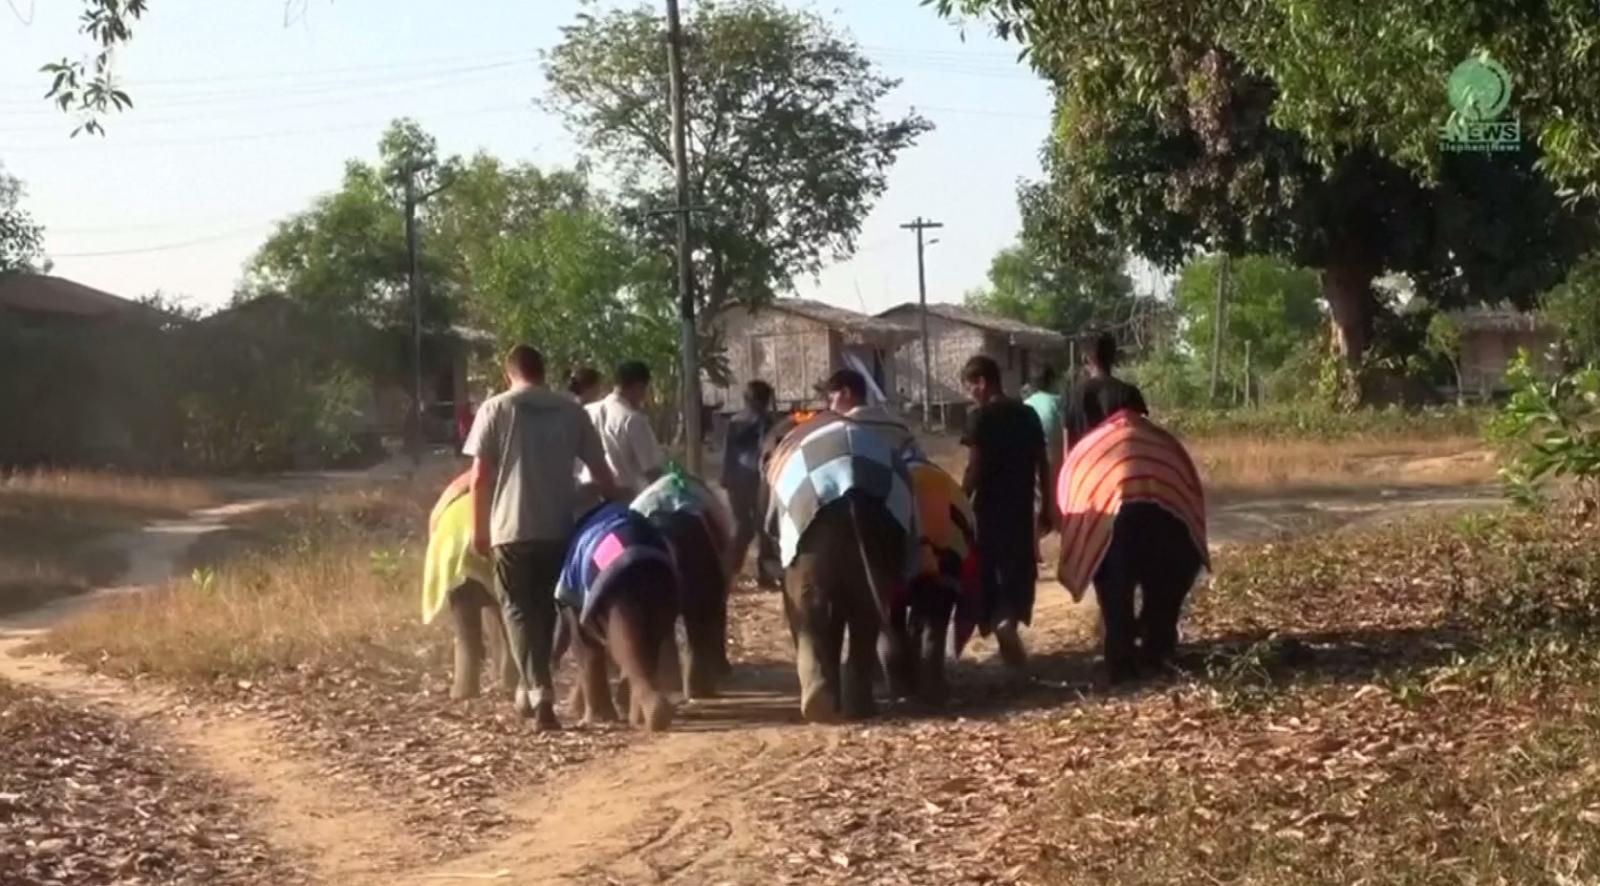 องค์การอนุรักษ์ช้างของไทย มอบเครื่องกันหนาวให้